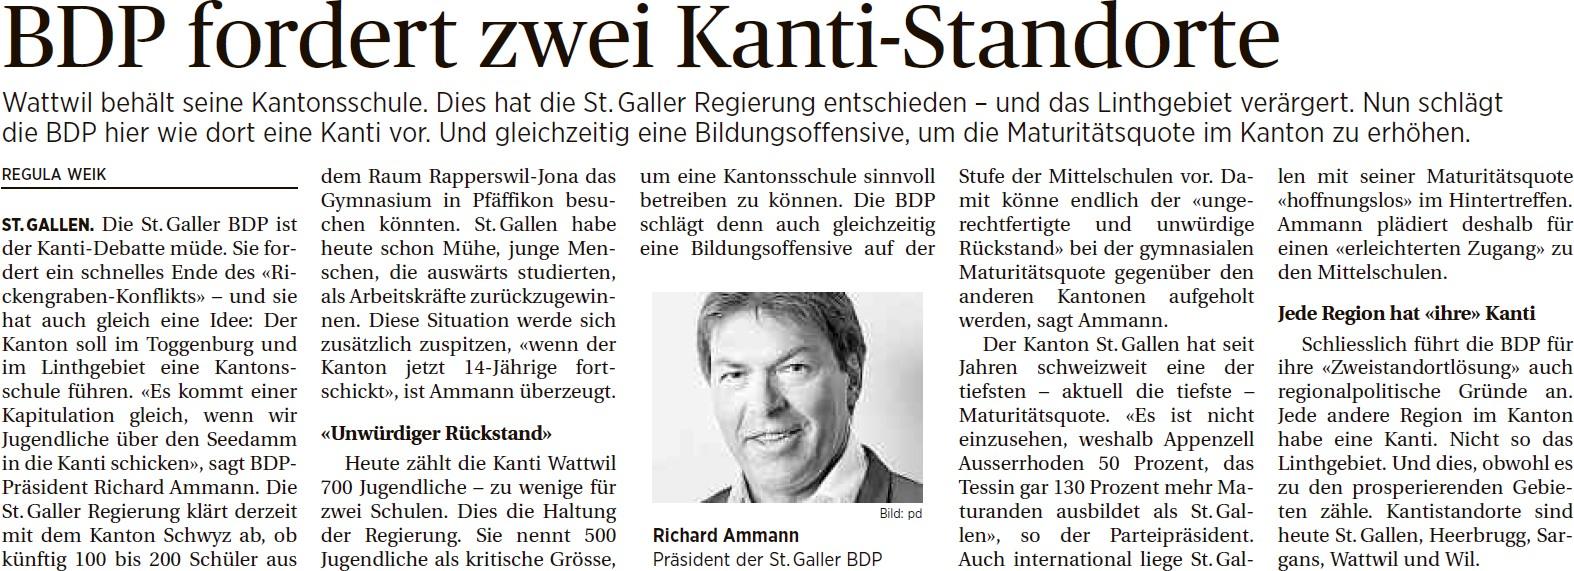 BDP fordert zwei Kanti-Standorte (Mittwoch, 01.10.2014)